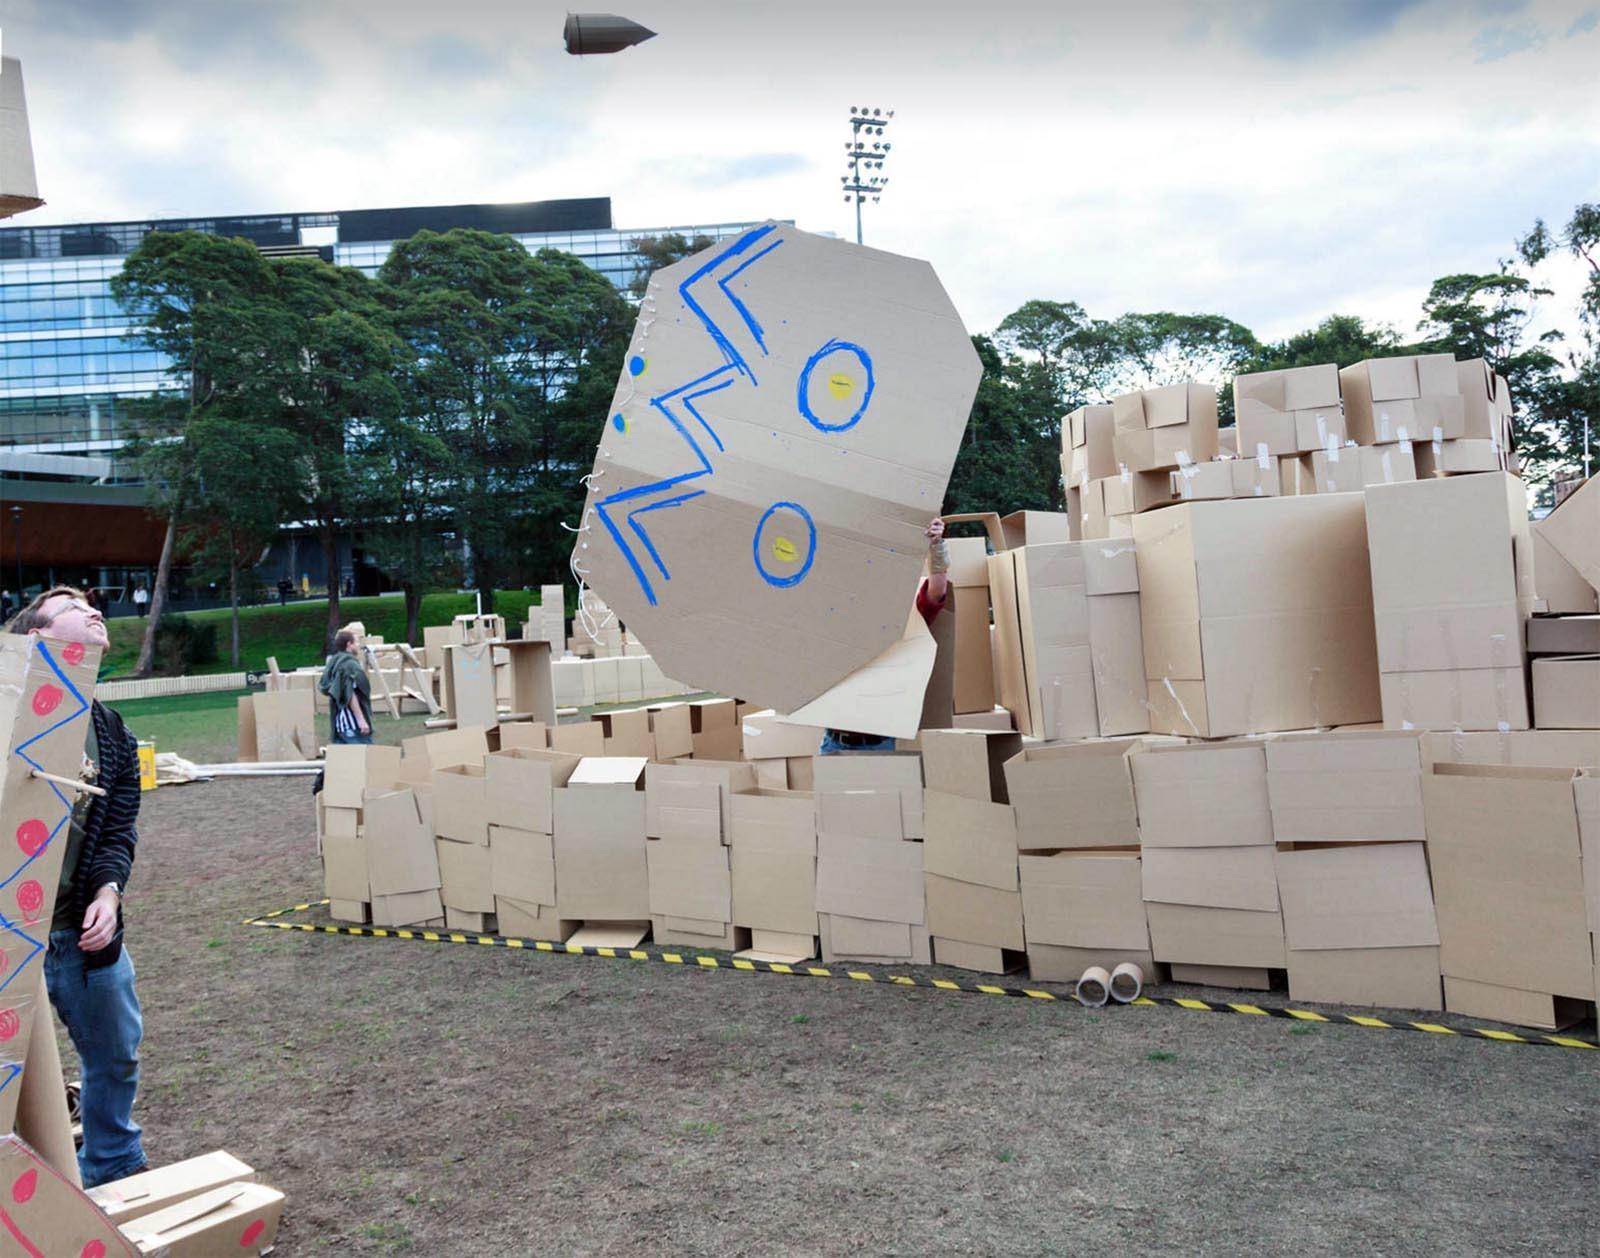 Team zkousi vlastnorucne vyrobeny katapult v aktivite The Box Empire